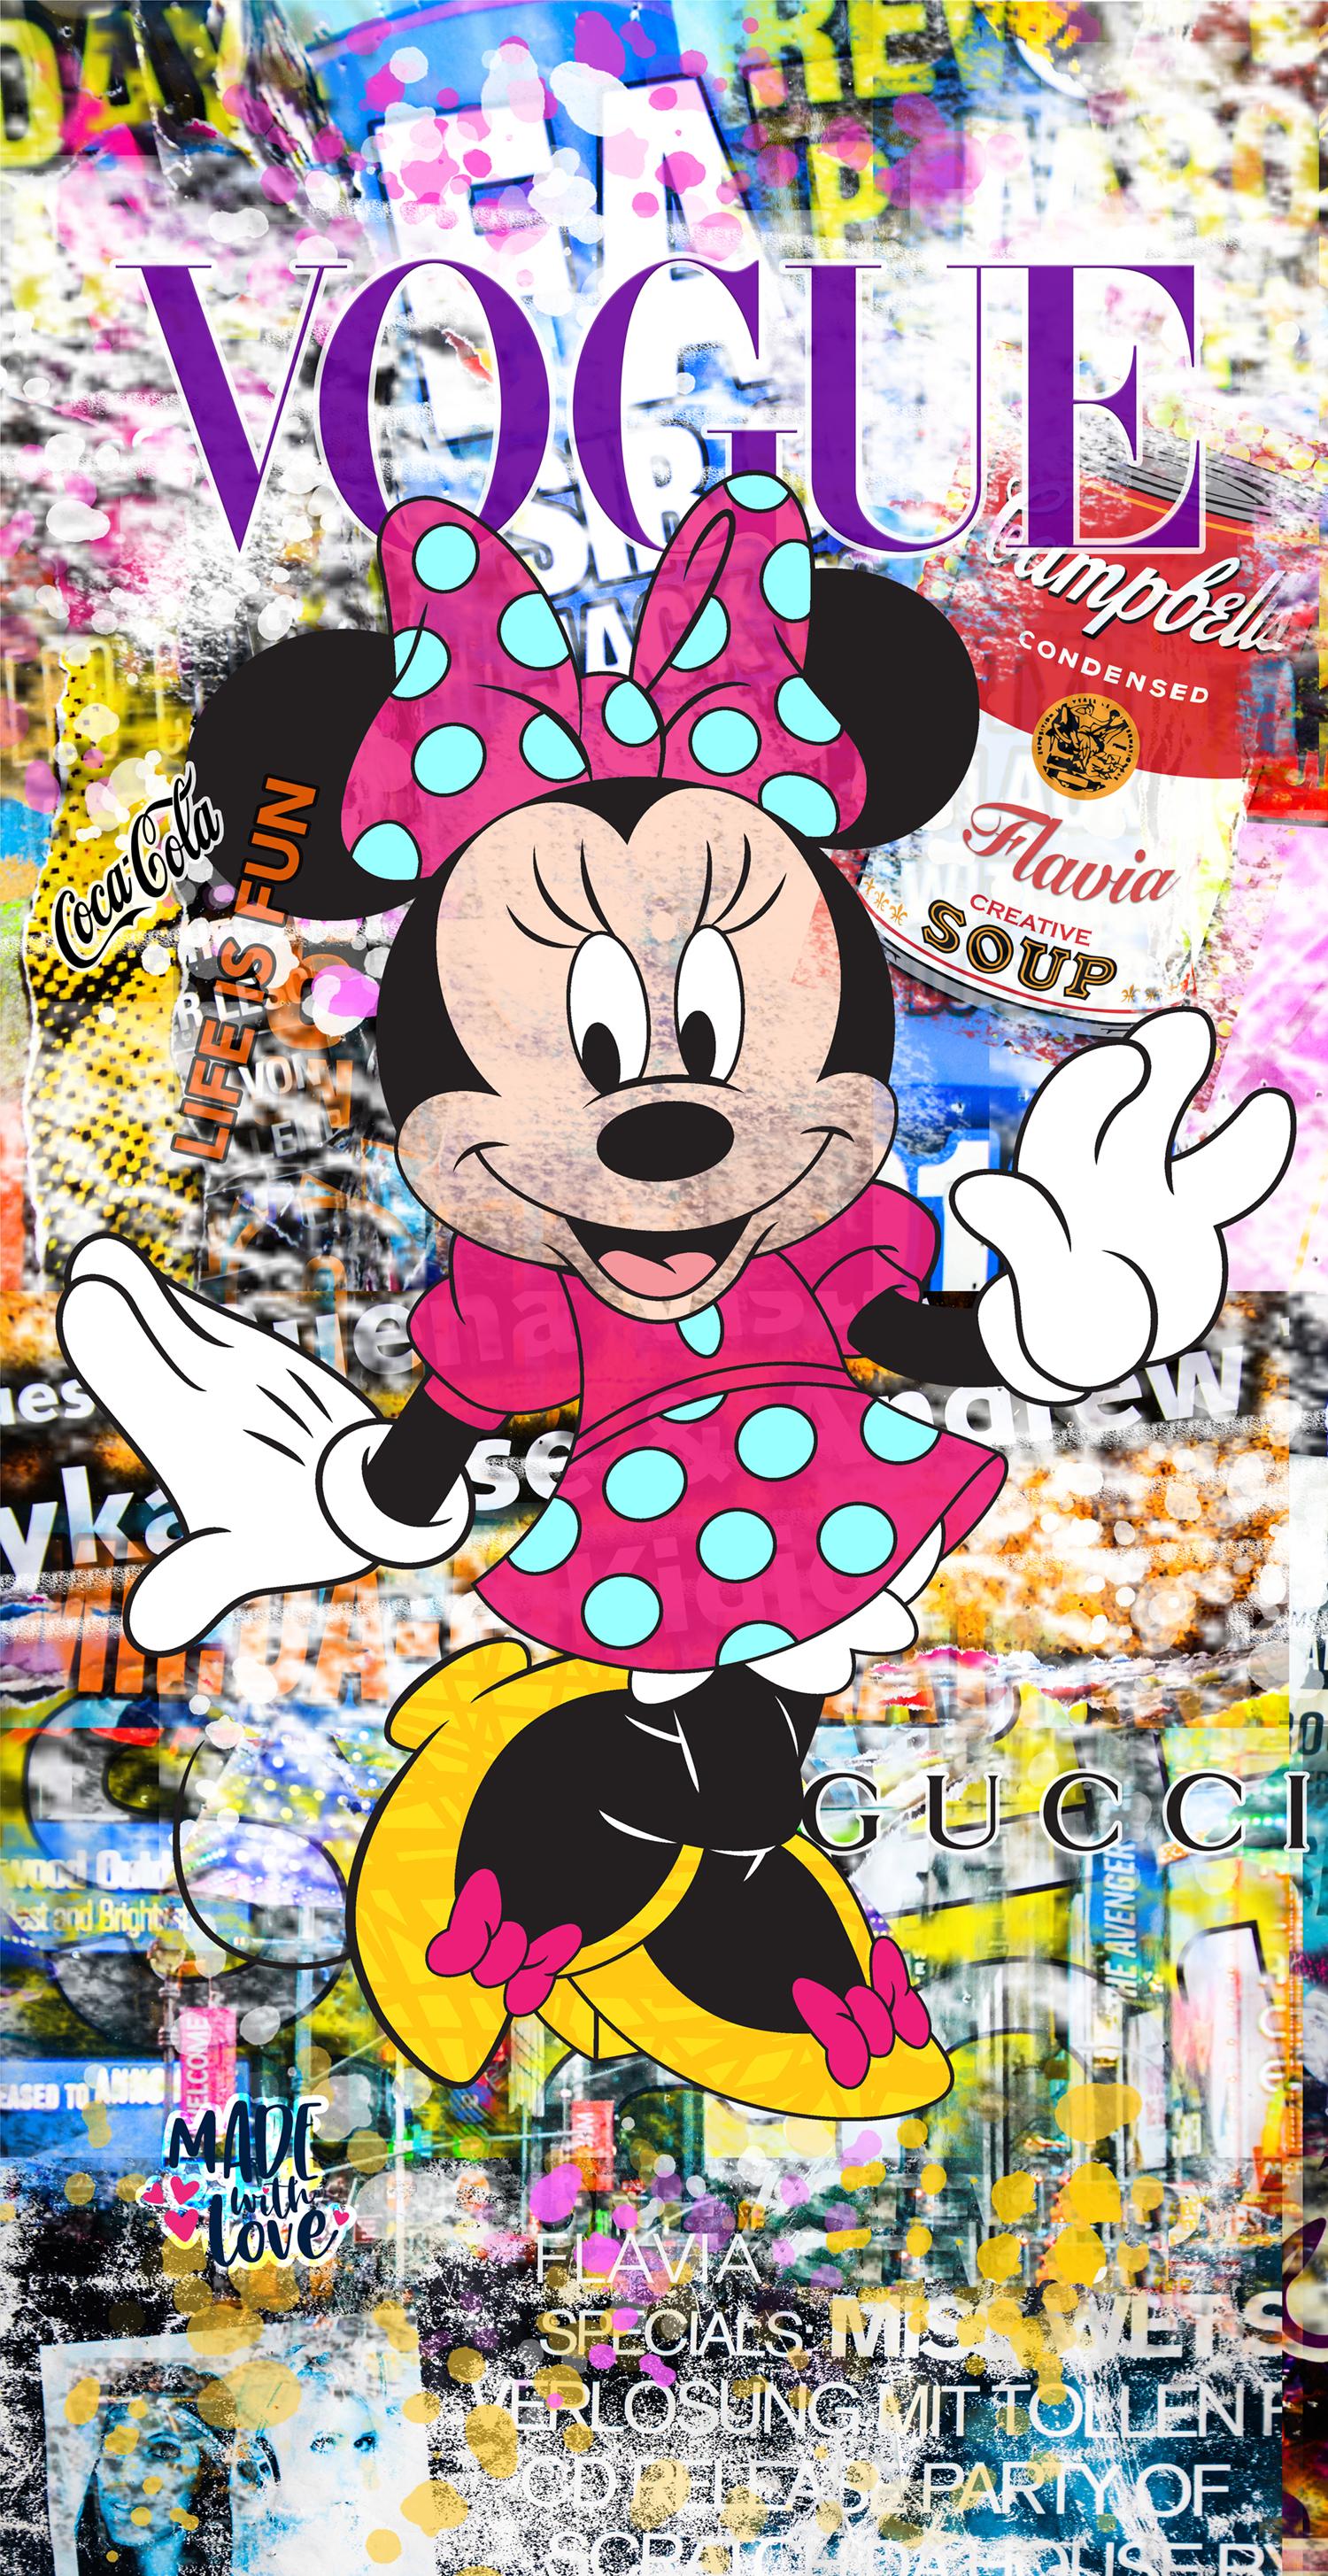 e_Mouse_Vogue